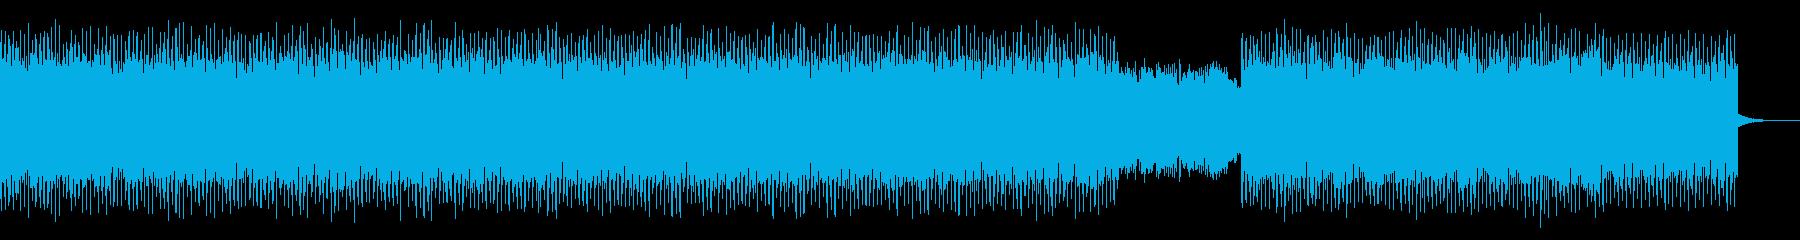 アップテンポな4つ打ちテクノポップの再生済みの波形